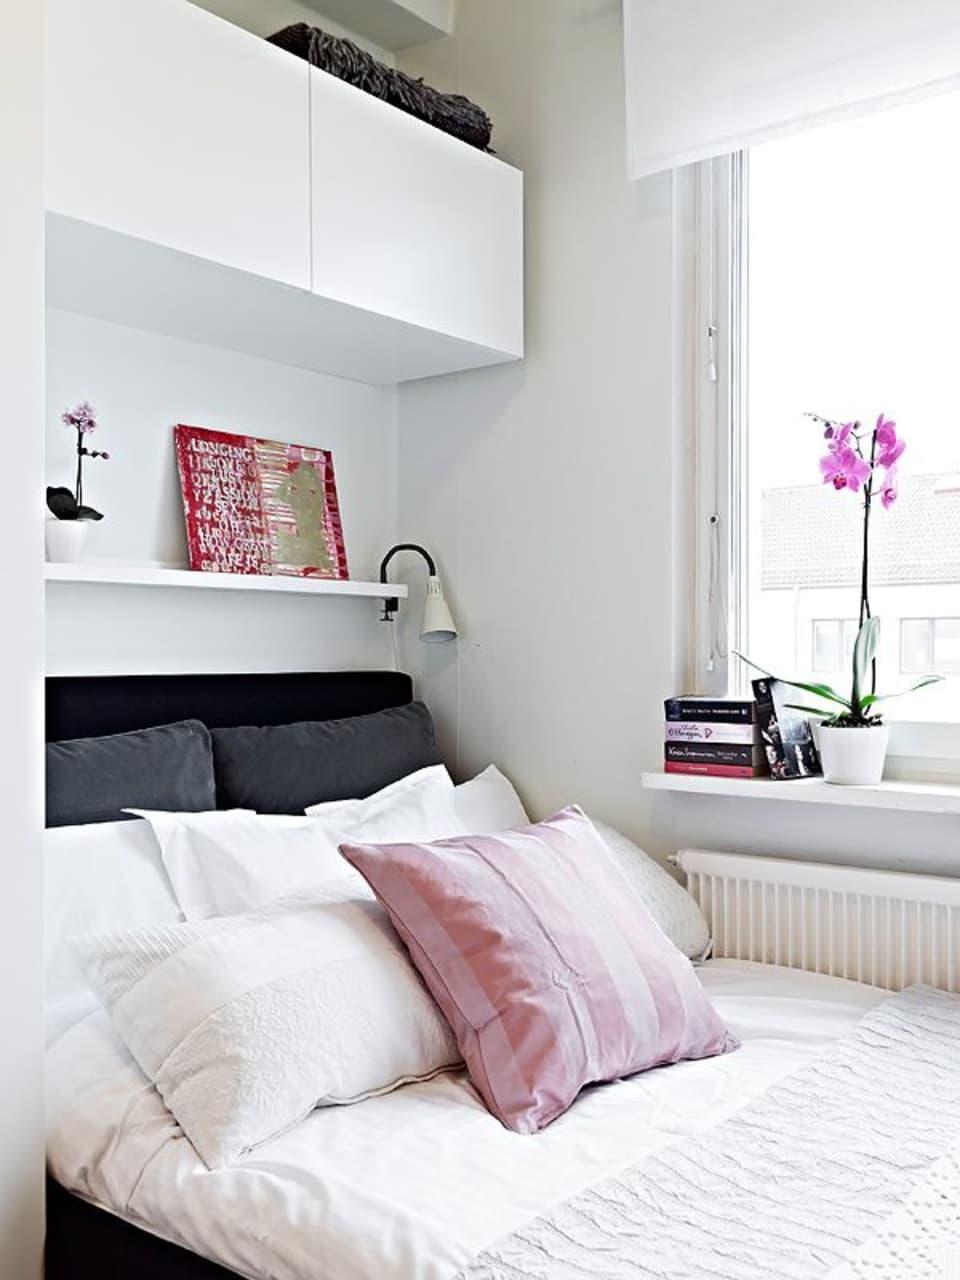 wandkasten in slaapkamer